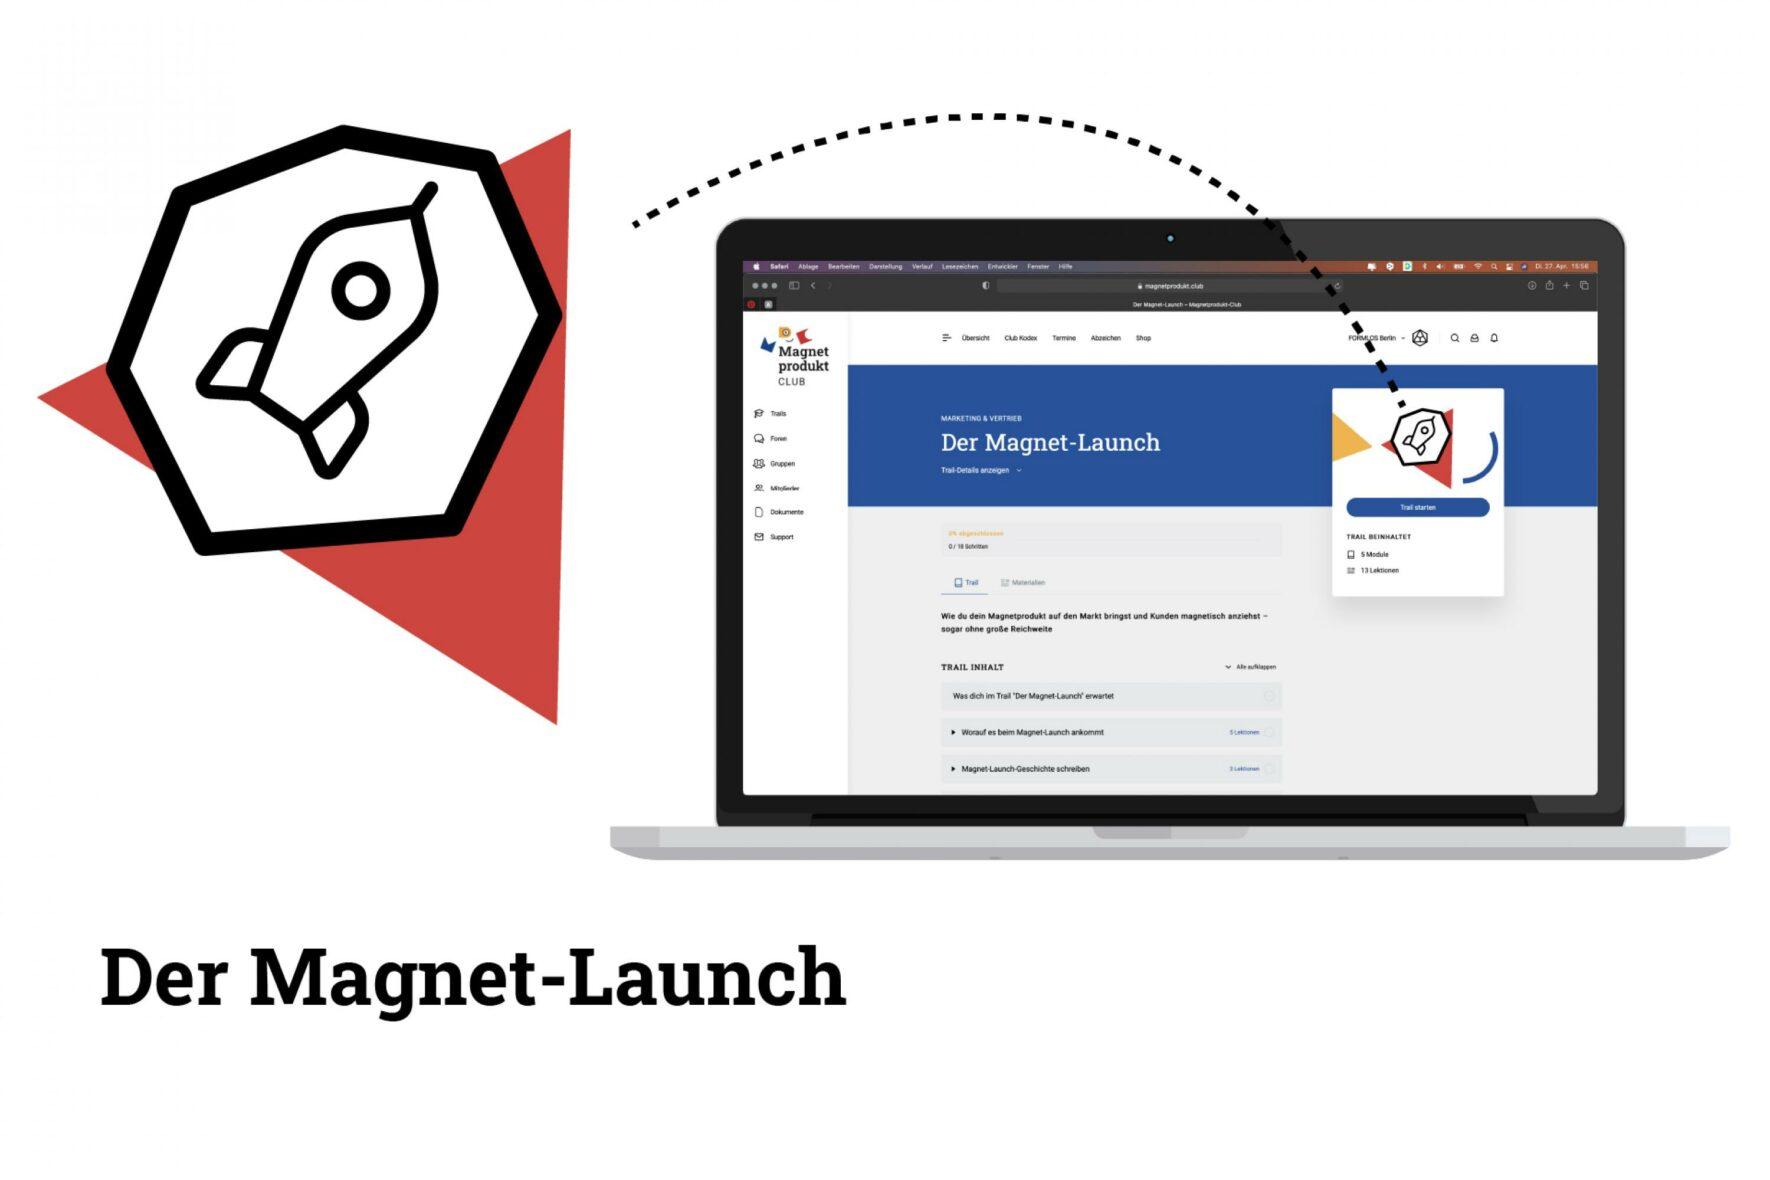 Magnetprodukt-Club-Design-Bradning-FORMLOS-Berlin-Plattform-Badges Kopie 2